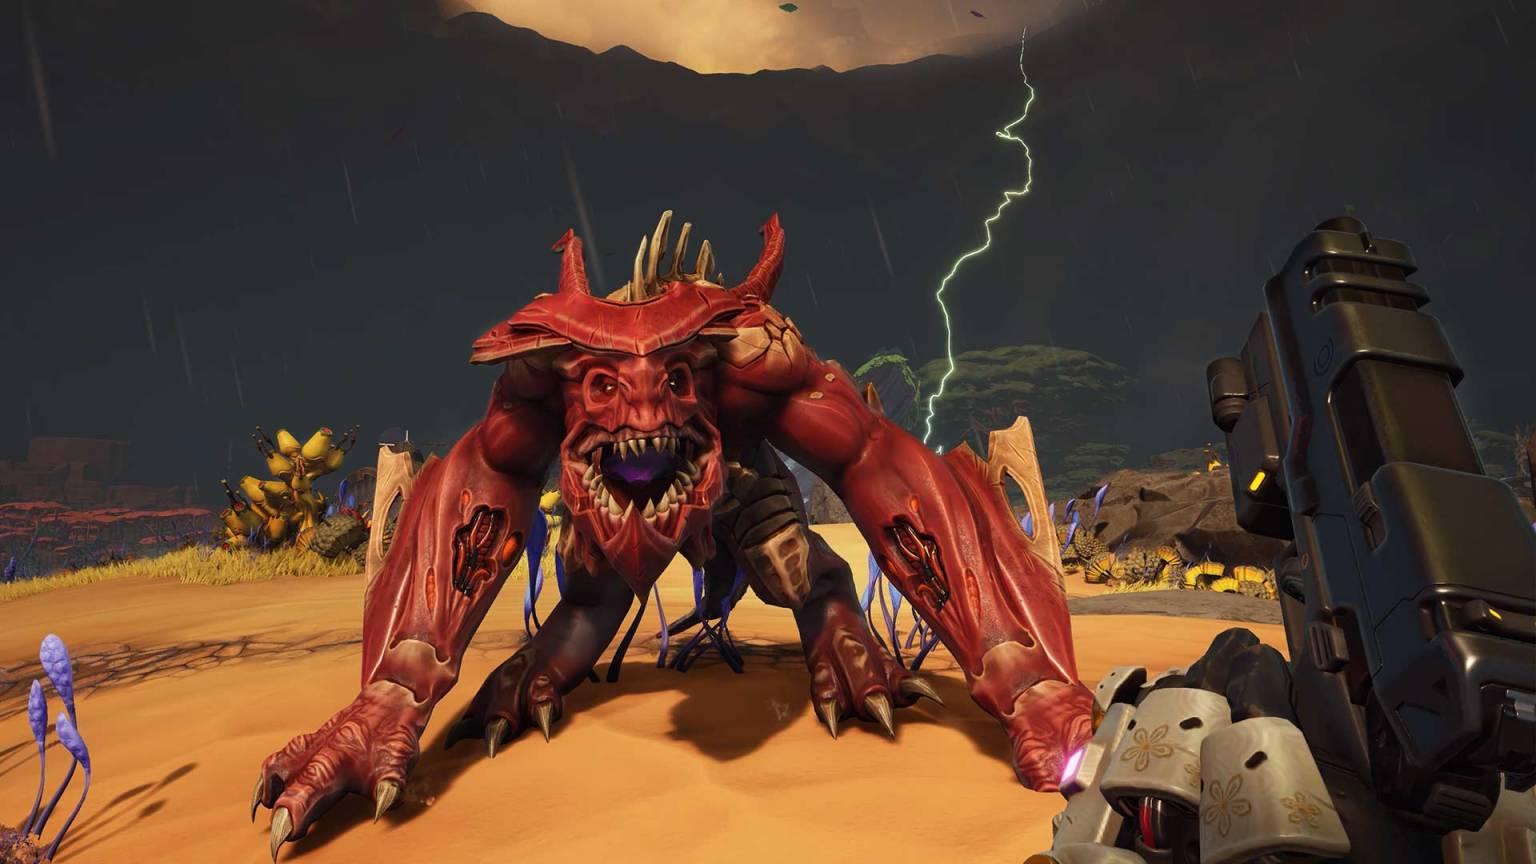 The Cycle выйдет в Steam и будет поддерживать кросс-плей с Epic Games Store